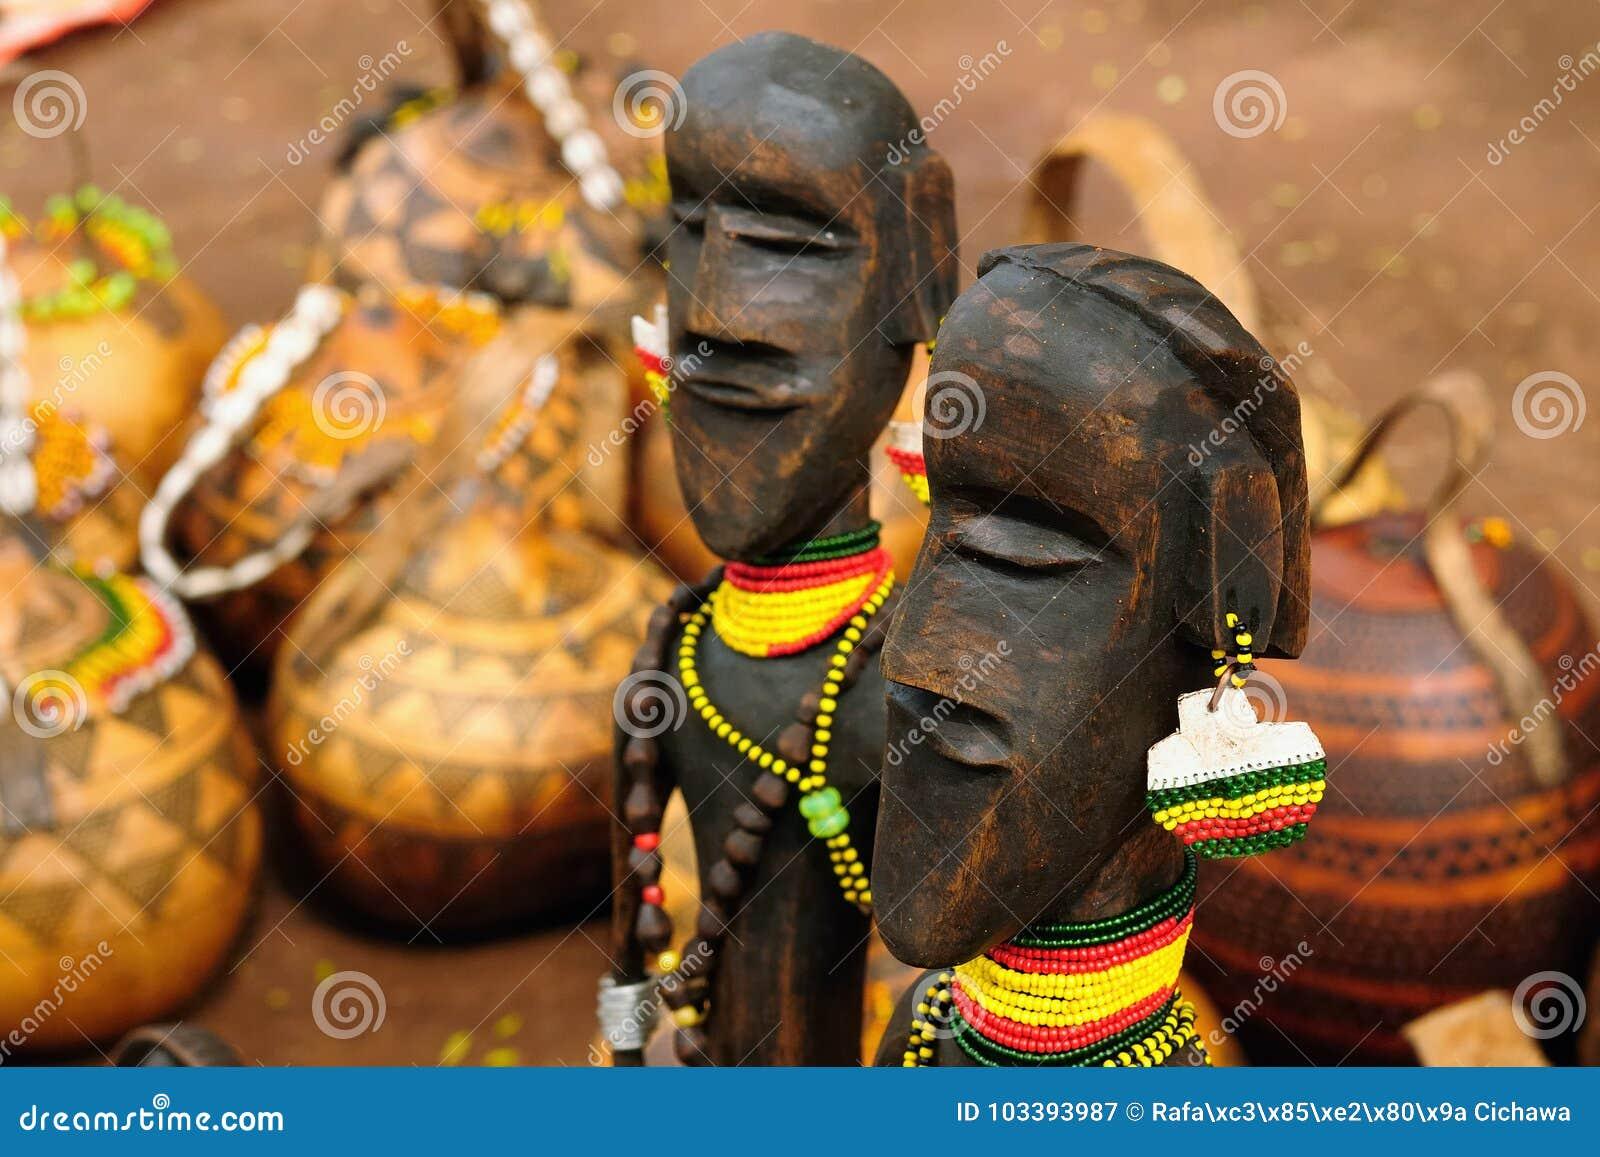 从埃塞俄比亚,非洲图腾的纪念品